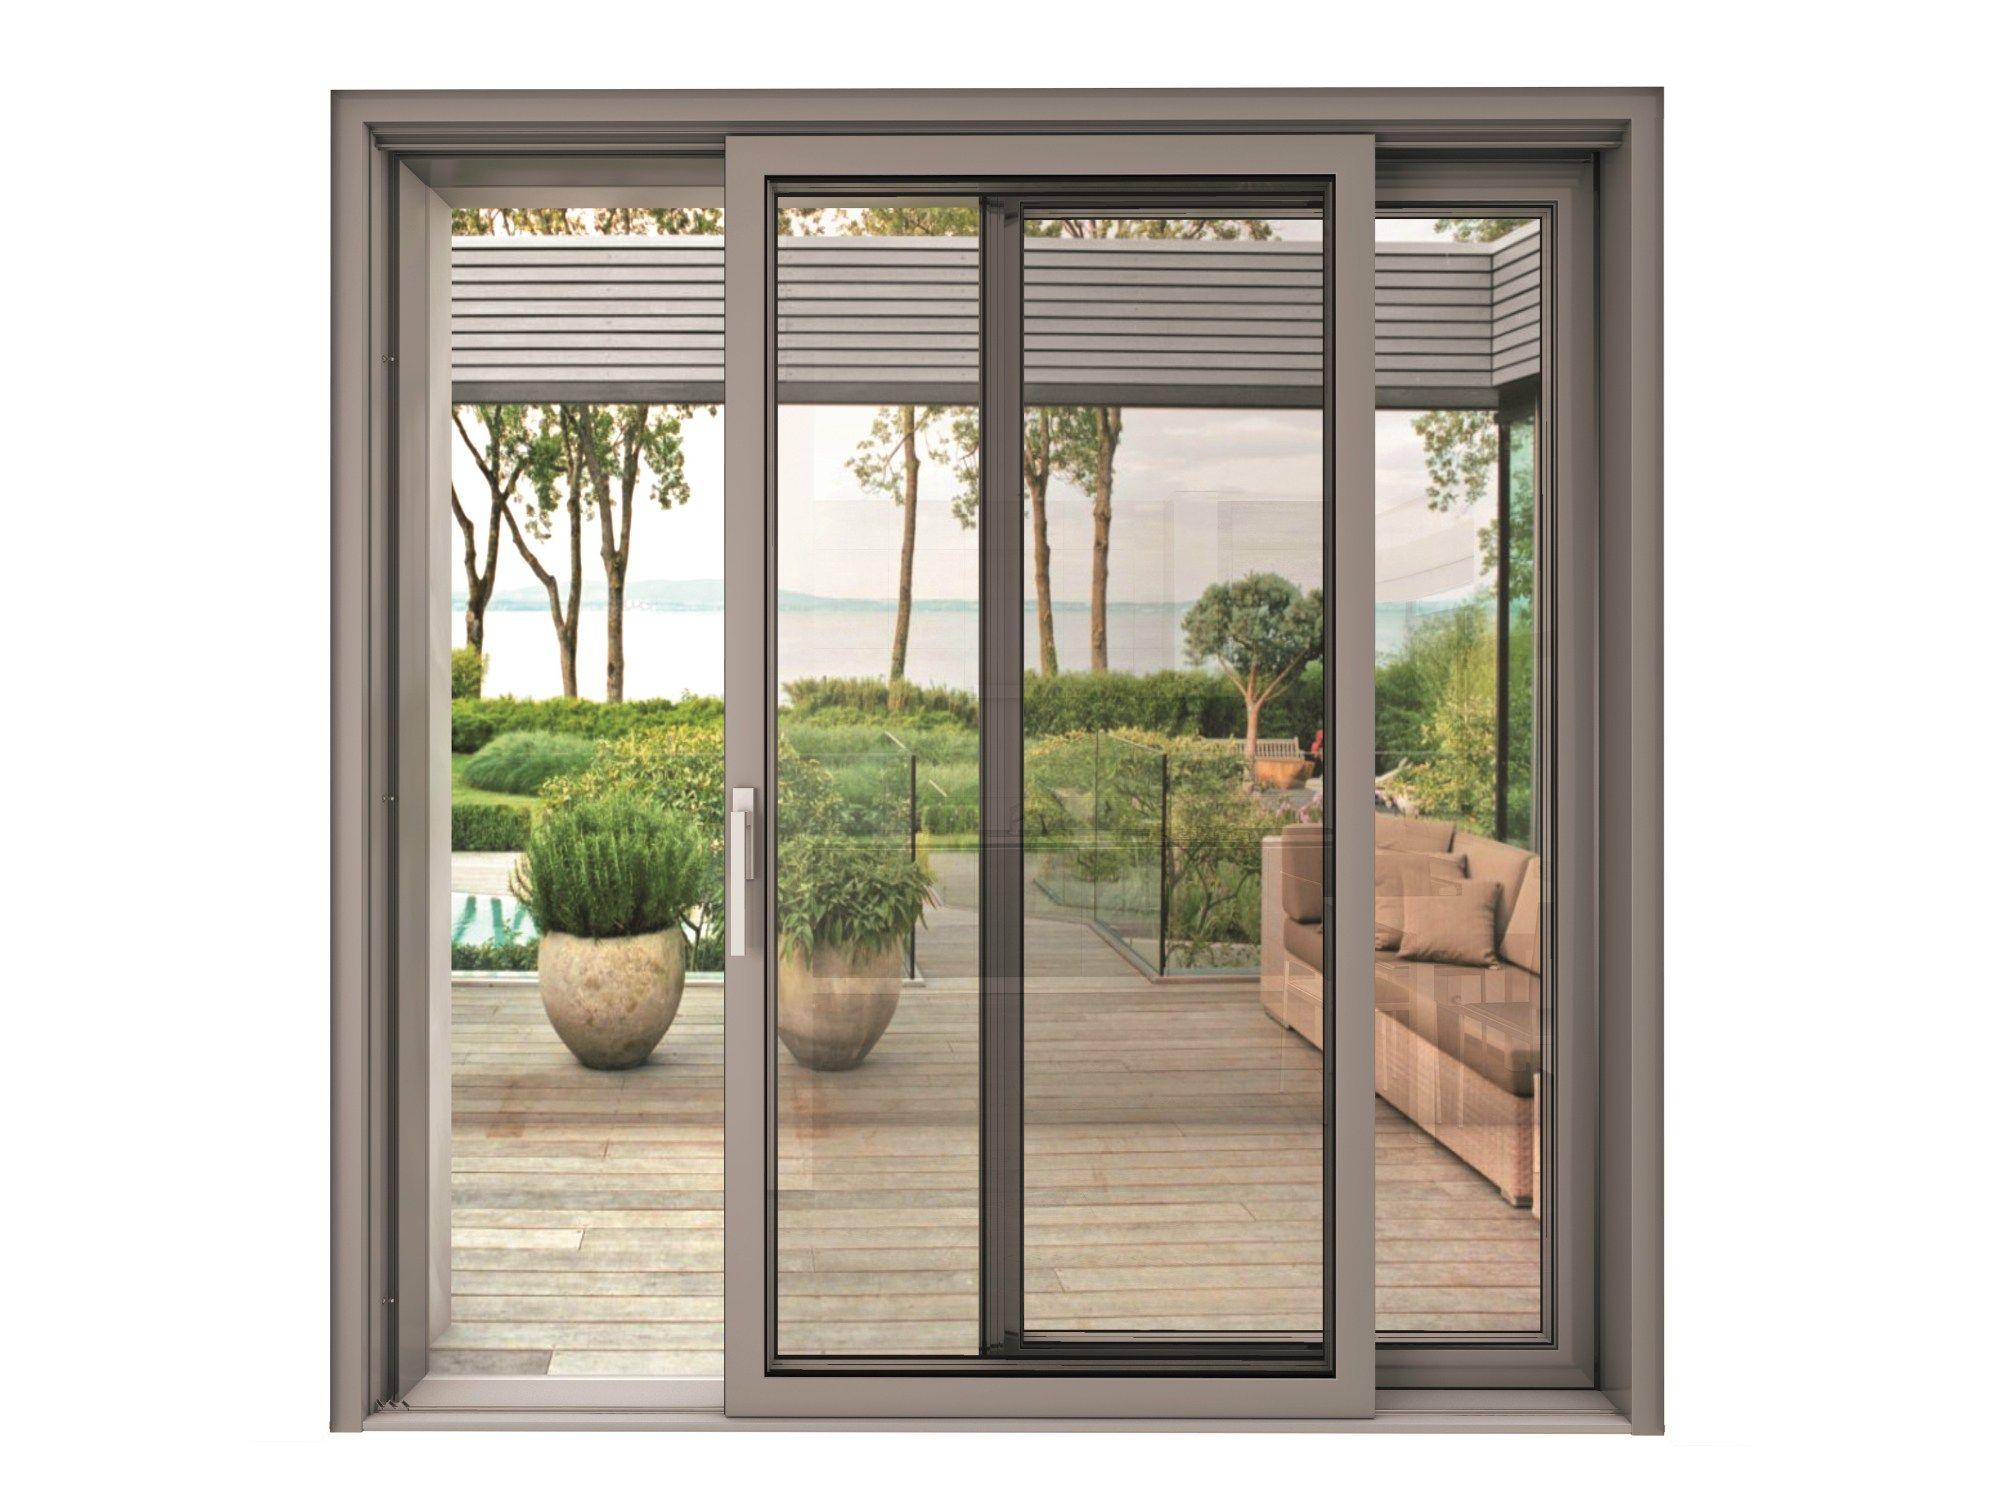 Blindoklima steel finestra scorrevole by sl di sabatino - Porta finestra scorrevole ...